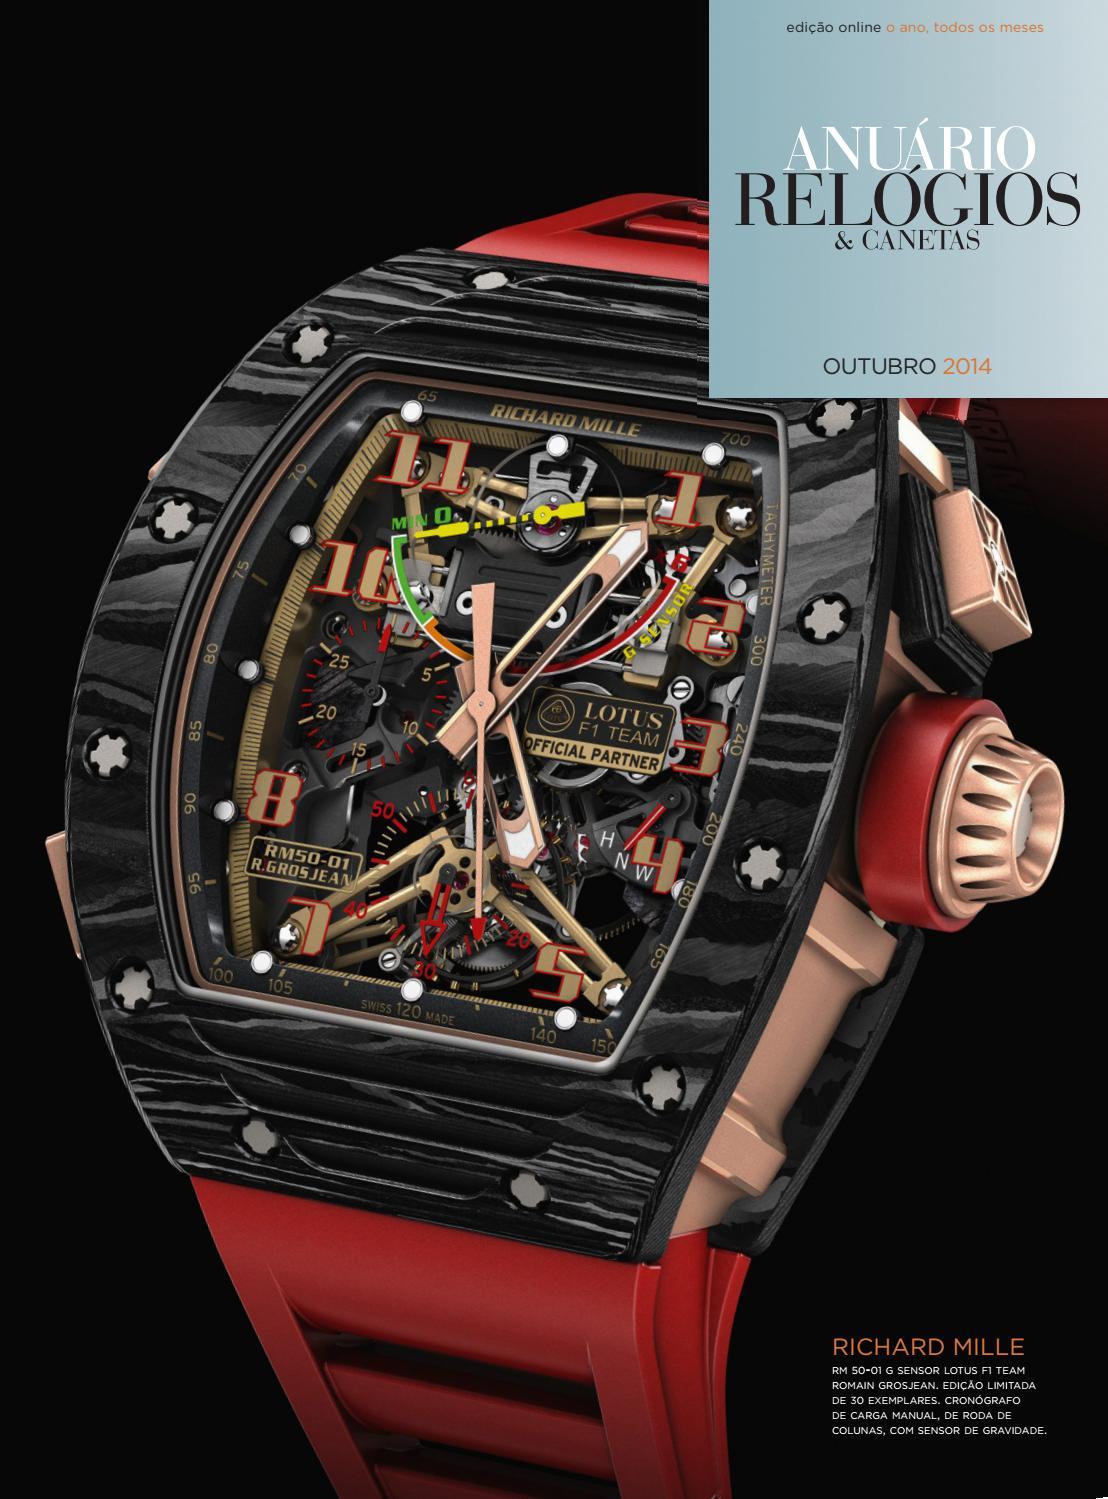 c4a1377f679 Anuário Relógios   Canetas - Outubro 2014 by Anuário Relógios   Canetas -  issuu